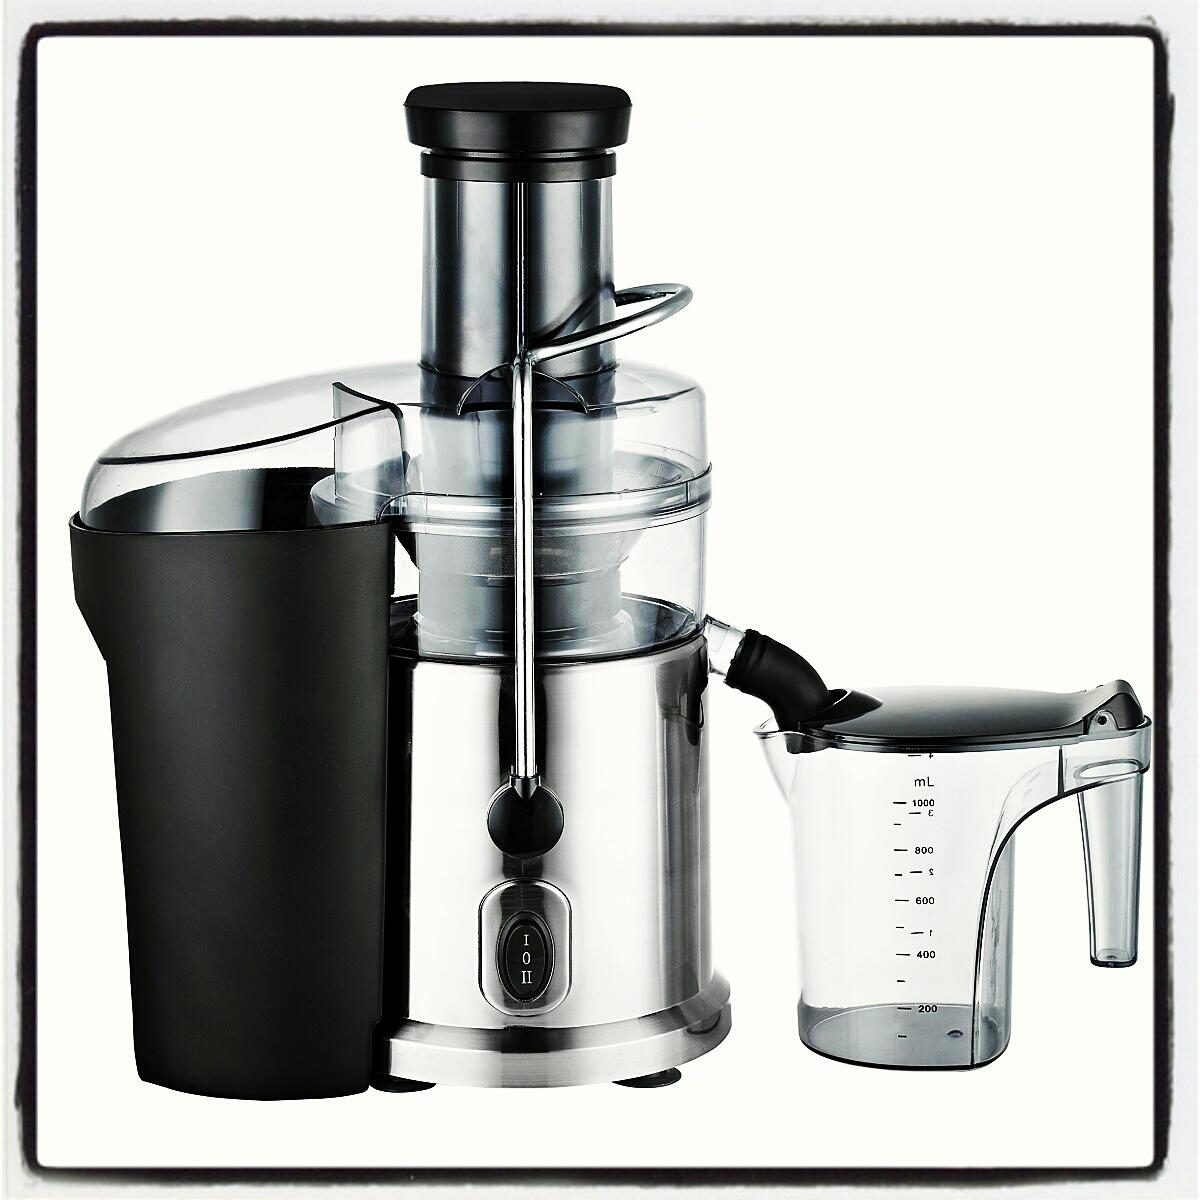 DASH juicer by Storebound. MSRP $139.99.